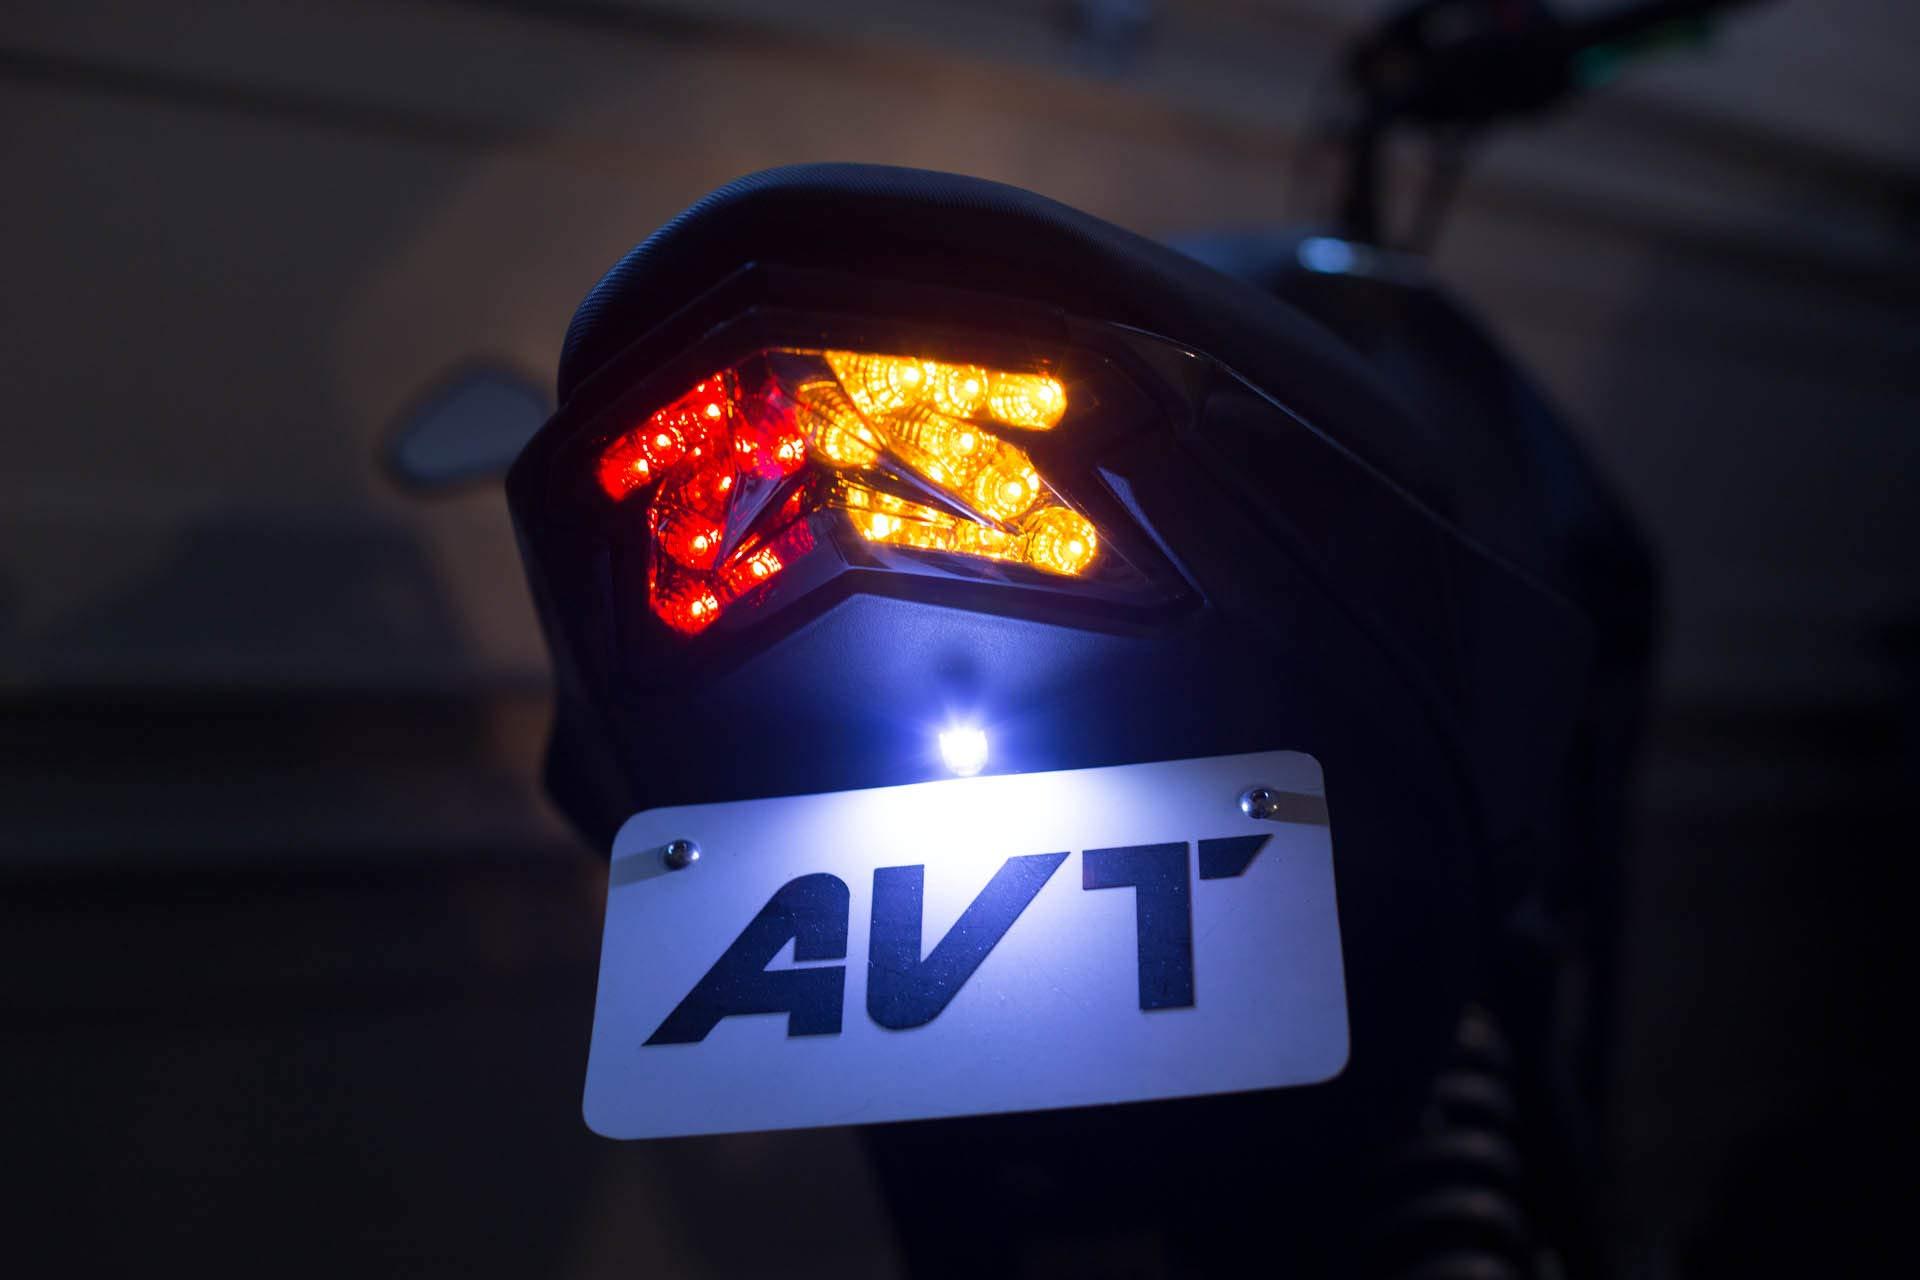 AVT z125 Pro Fender Eliminator Kit 2017-2019 - LED Integrated Turn Signals Tail Light by AVT